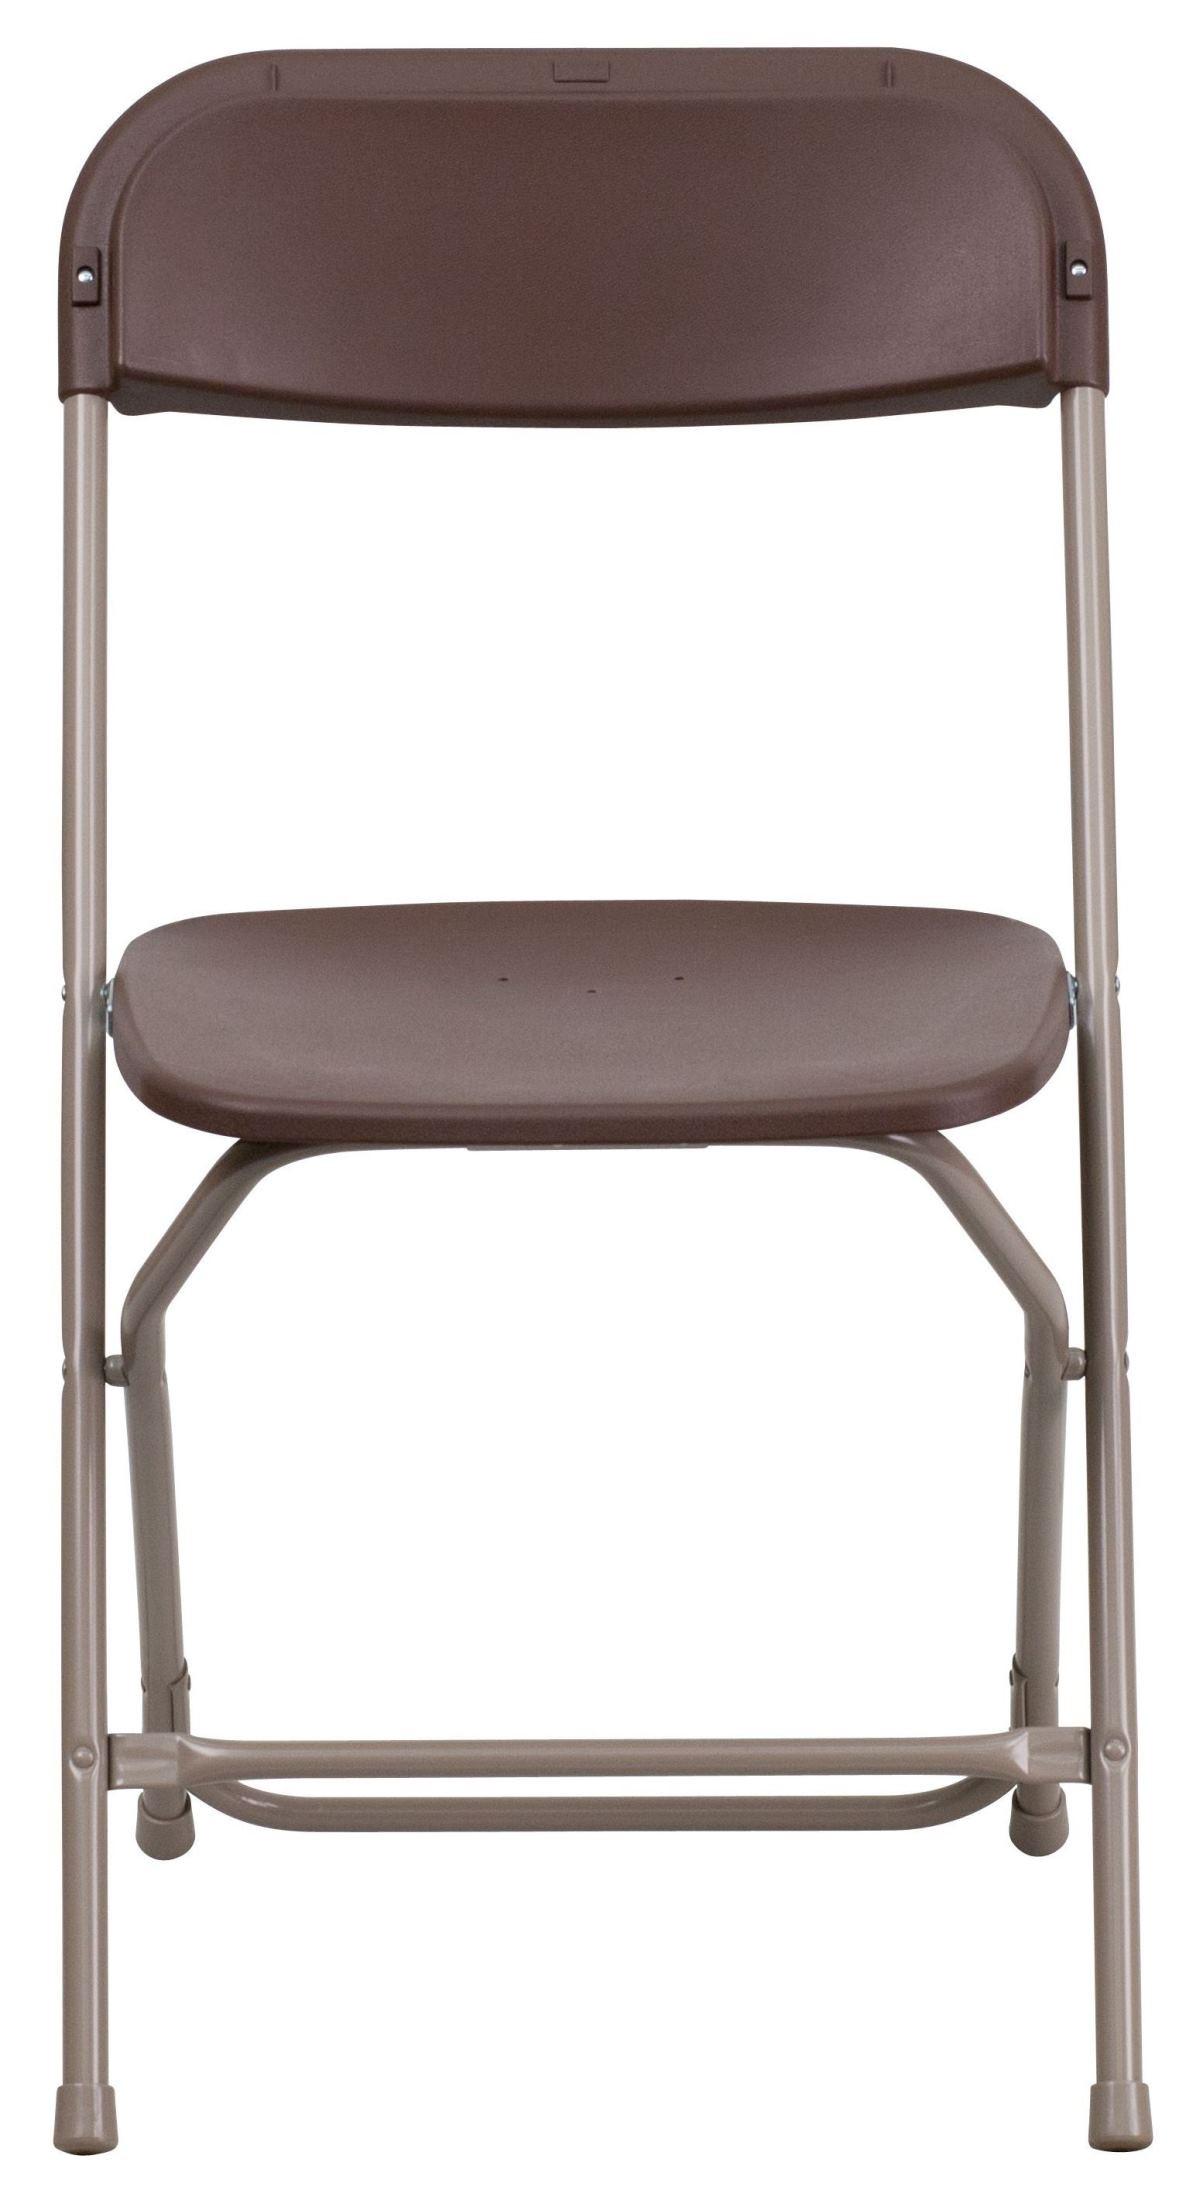 Hercules Series Premium Brown Plastic Folding Chair from Renegade LE L 3 BRO